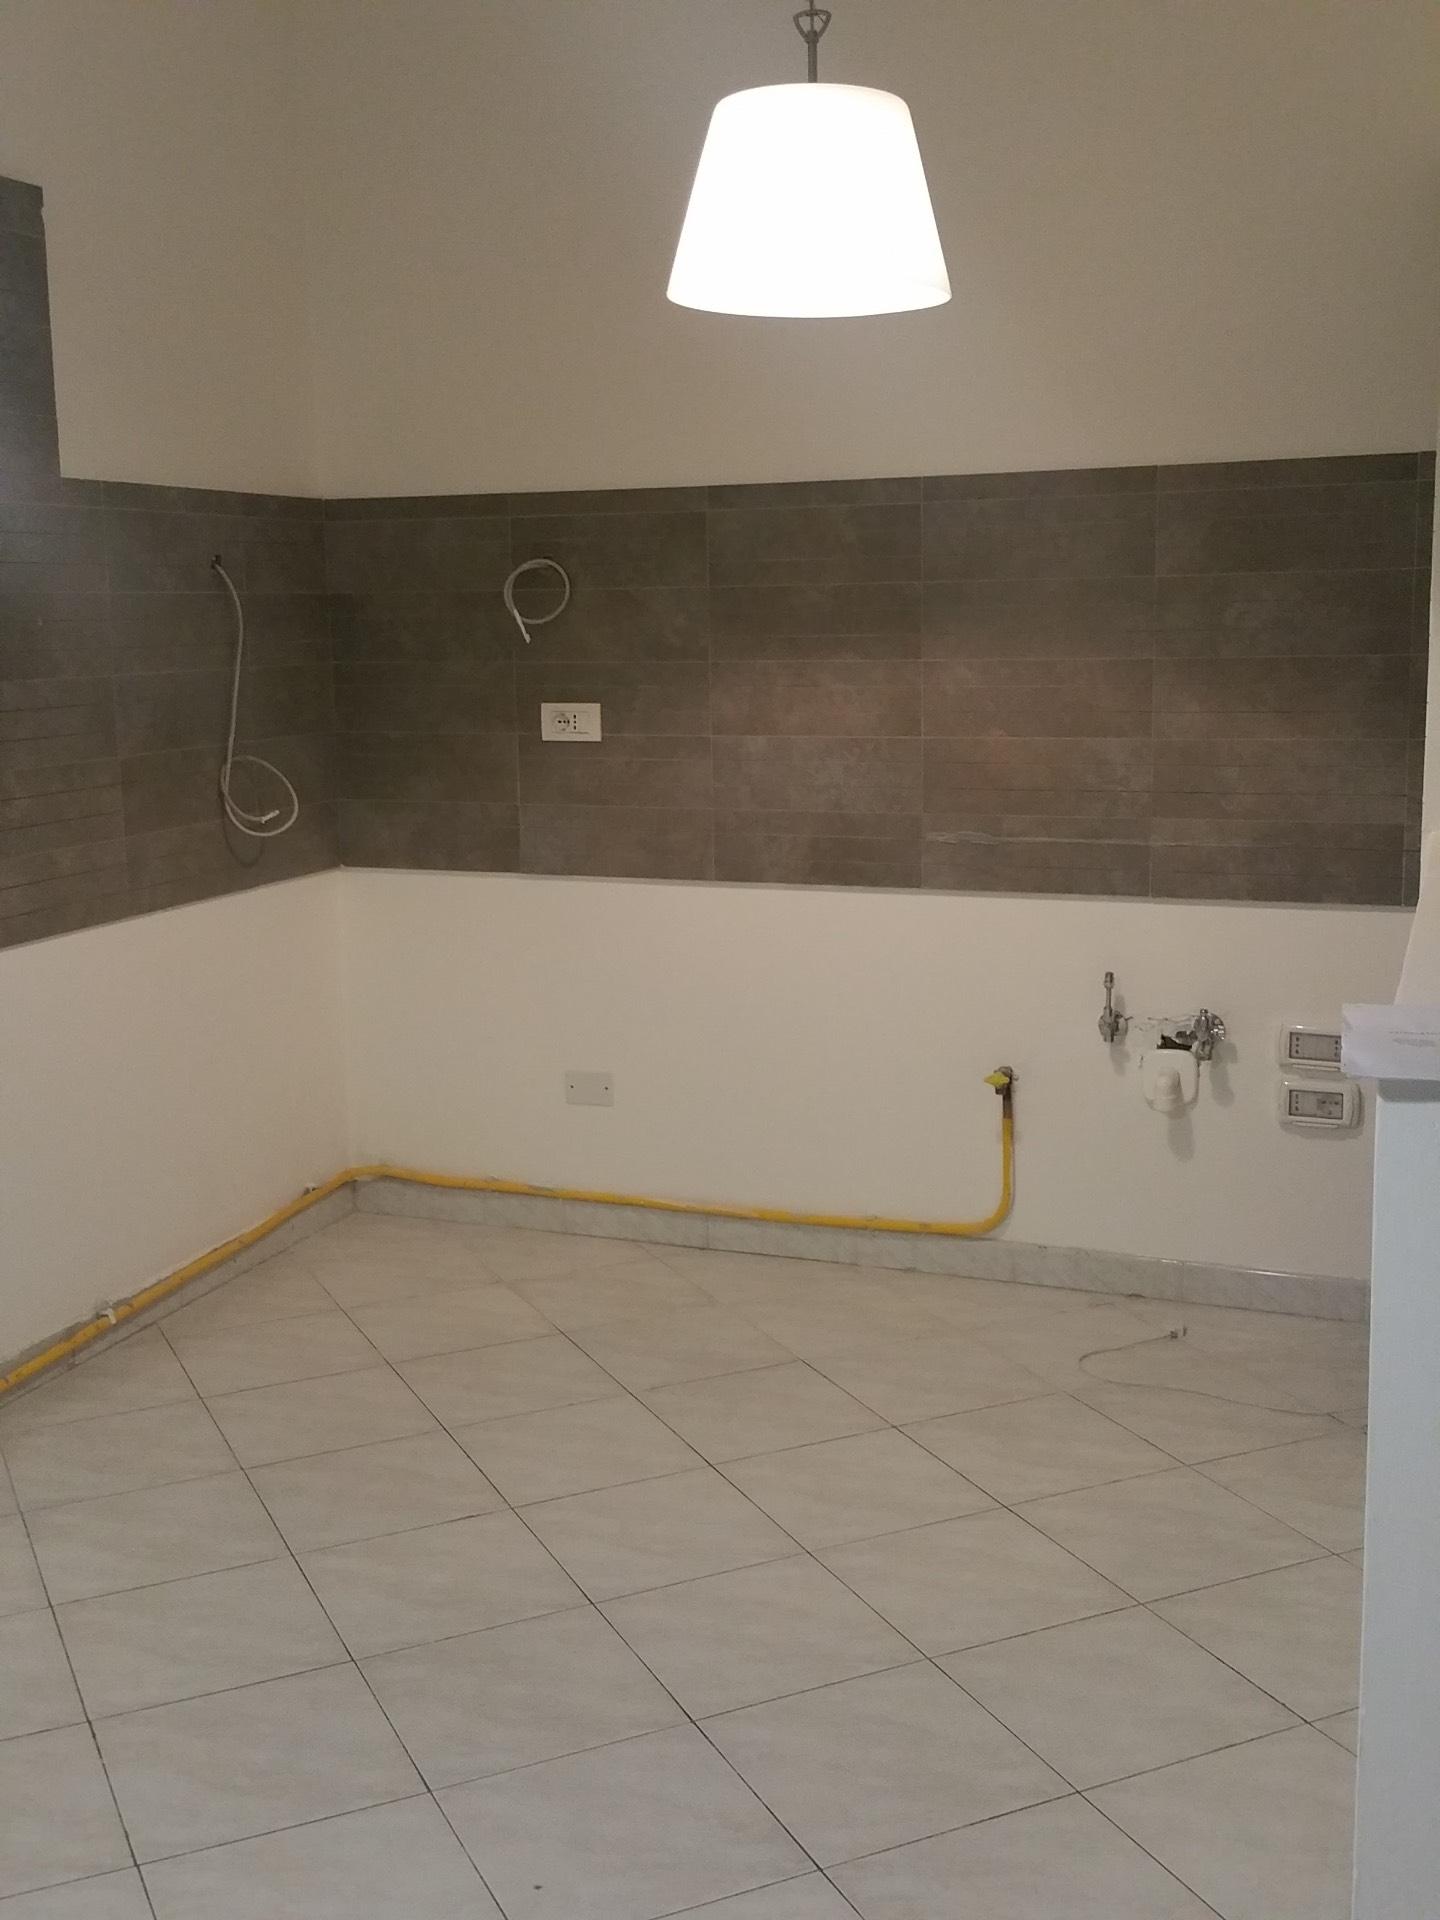 Appartamento in vendita a Mareno di Piave, 5 locali, zona Località: BoccadiStrada, prezzo € 110.000 | Cambio Casa.it